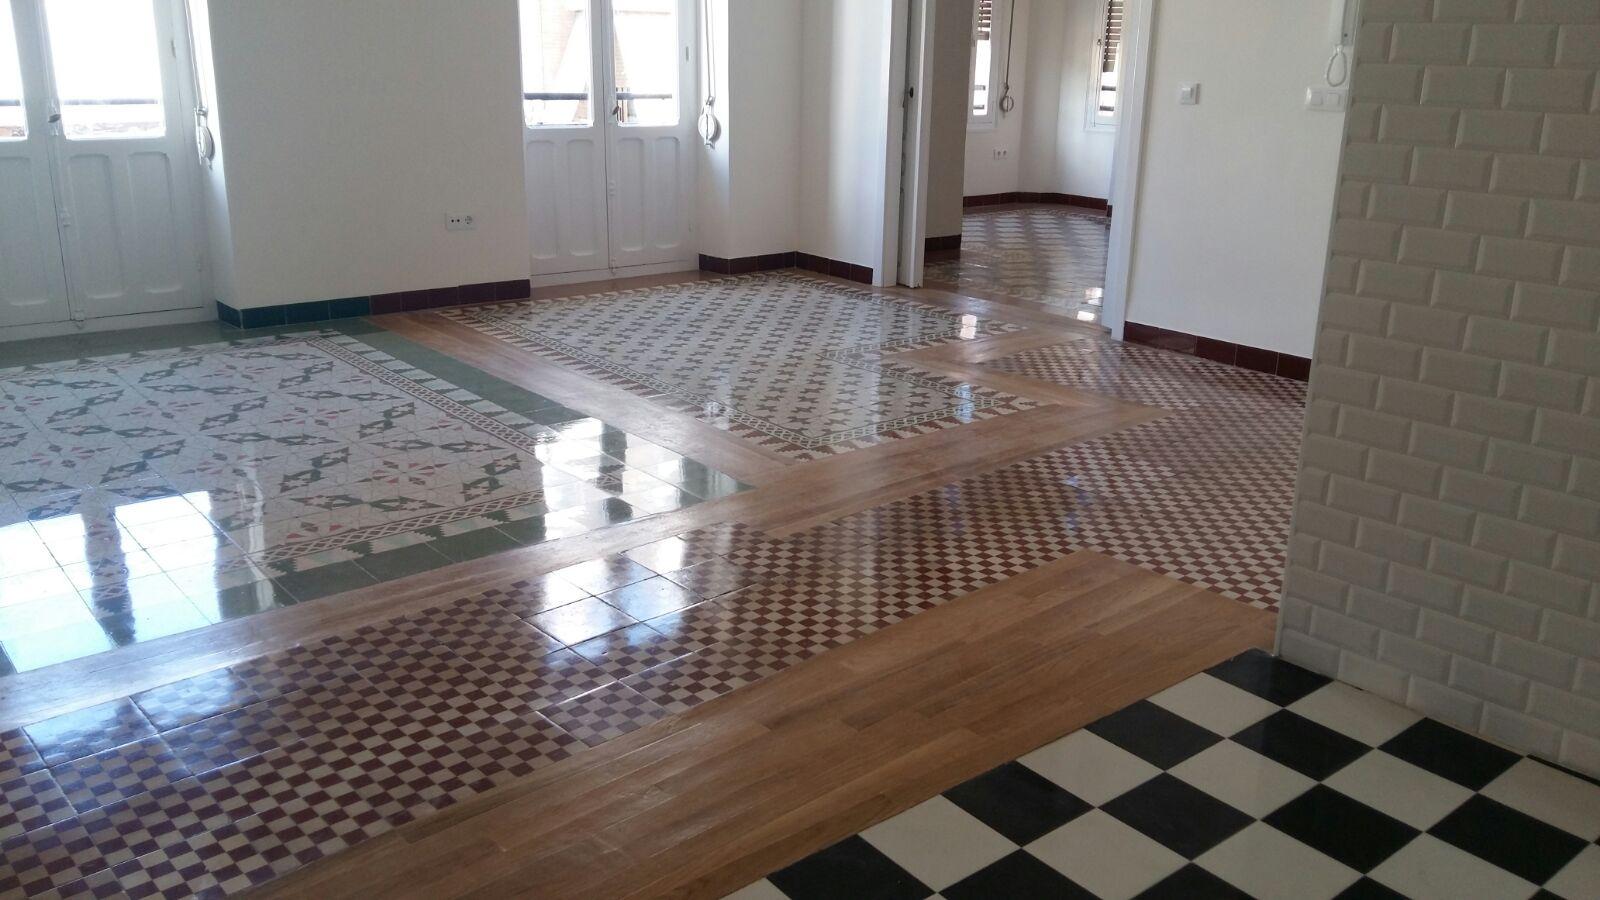 Suelos mosaico affordable un apartamento de suelos de mosaico nolla preciosos blog td with - Mosaicos para suelos ...